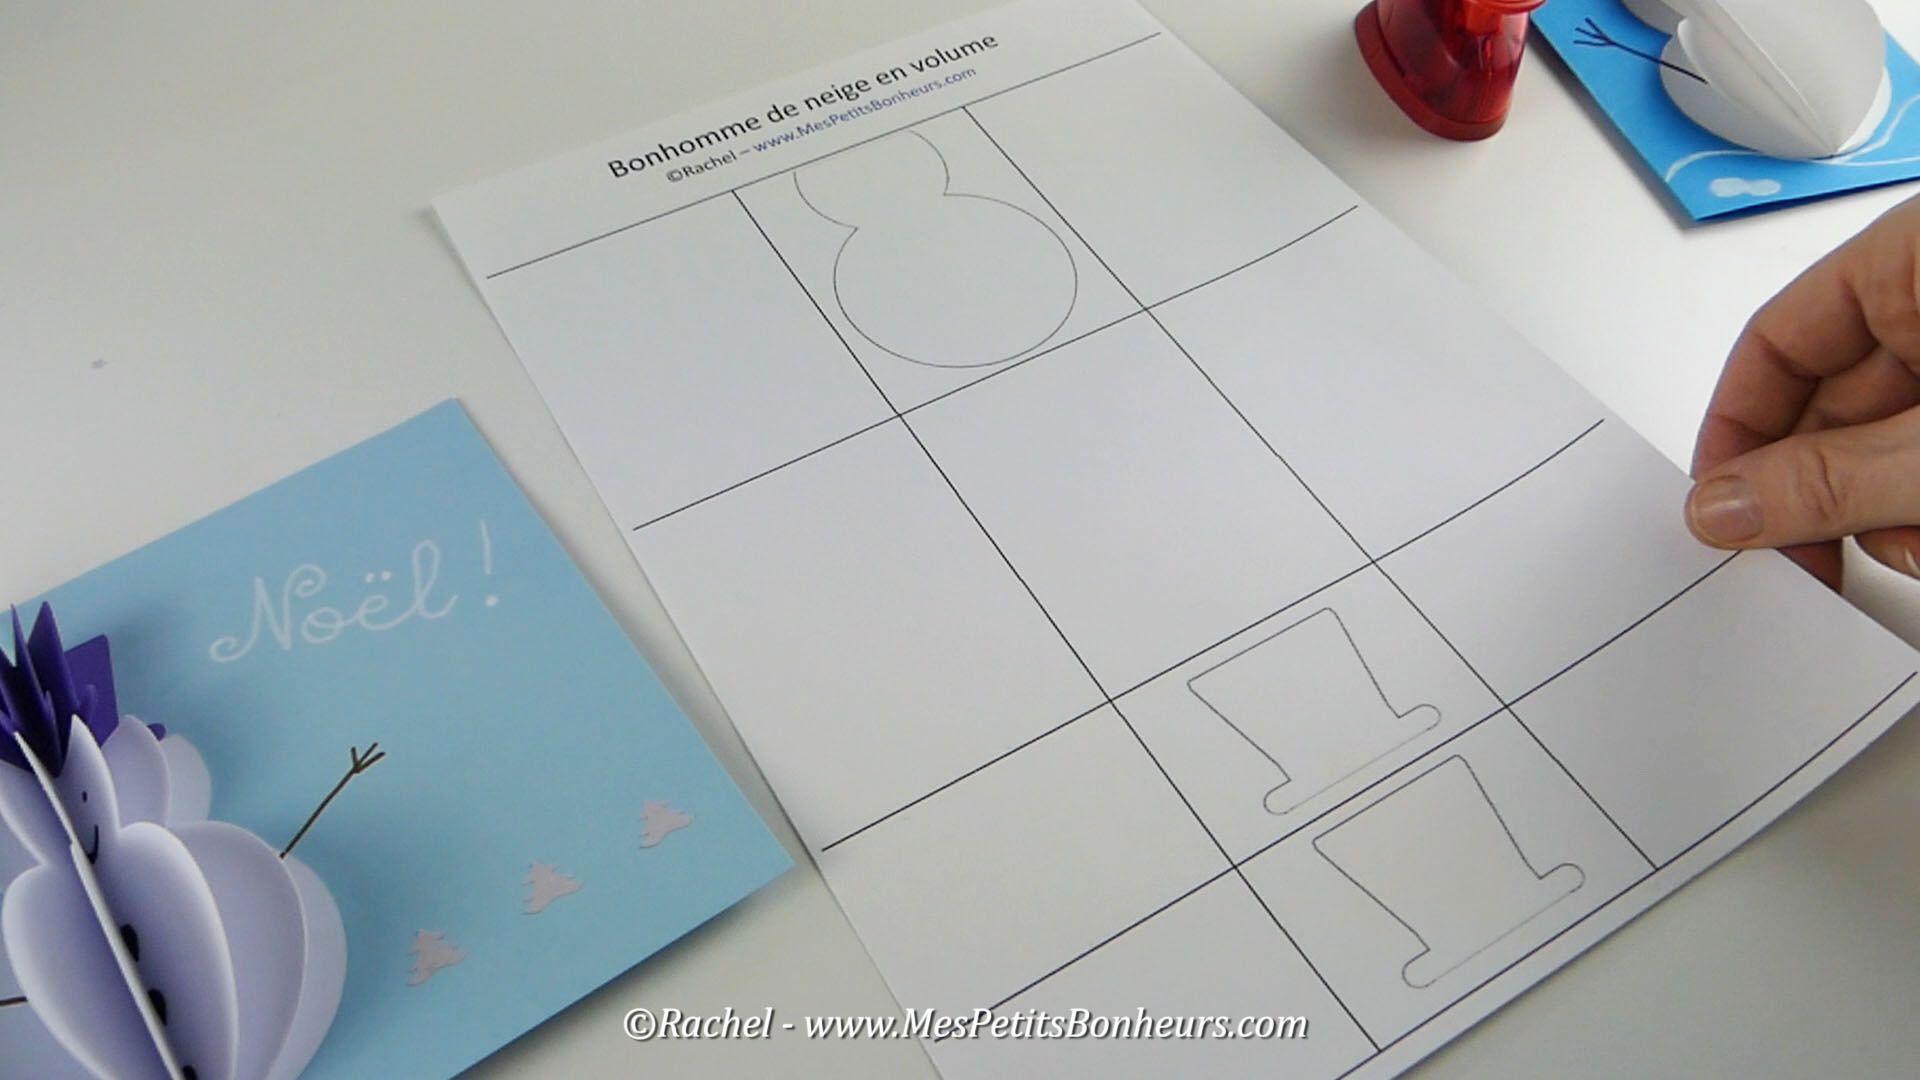 Gabarit-Bonhomme-De-Neige-Modele-A-Decouper | Bricolage avec Modèle Bonhomme De Neige À Découper